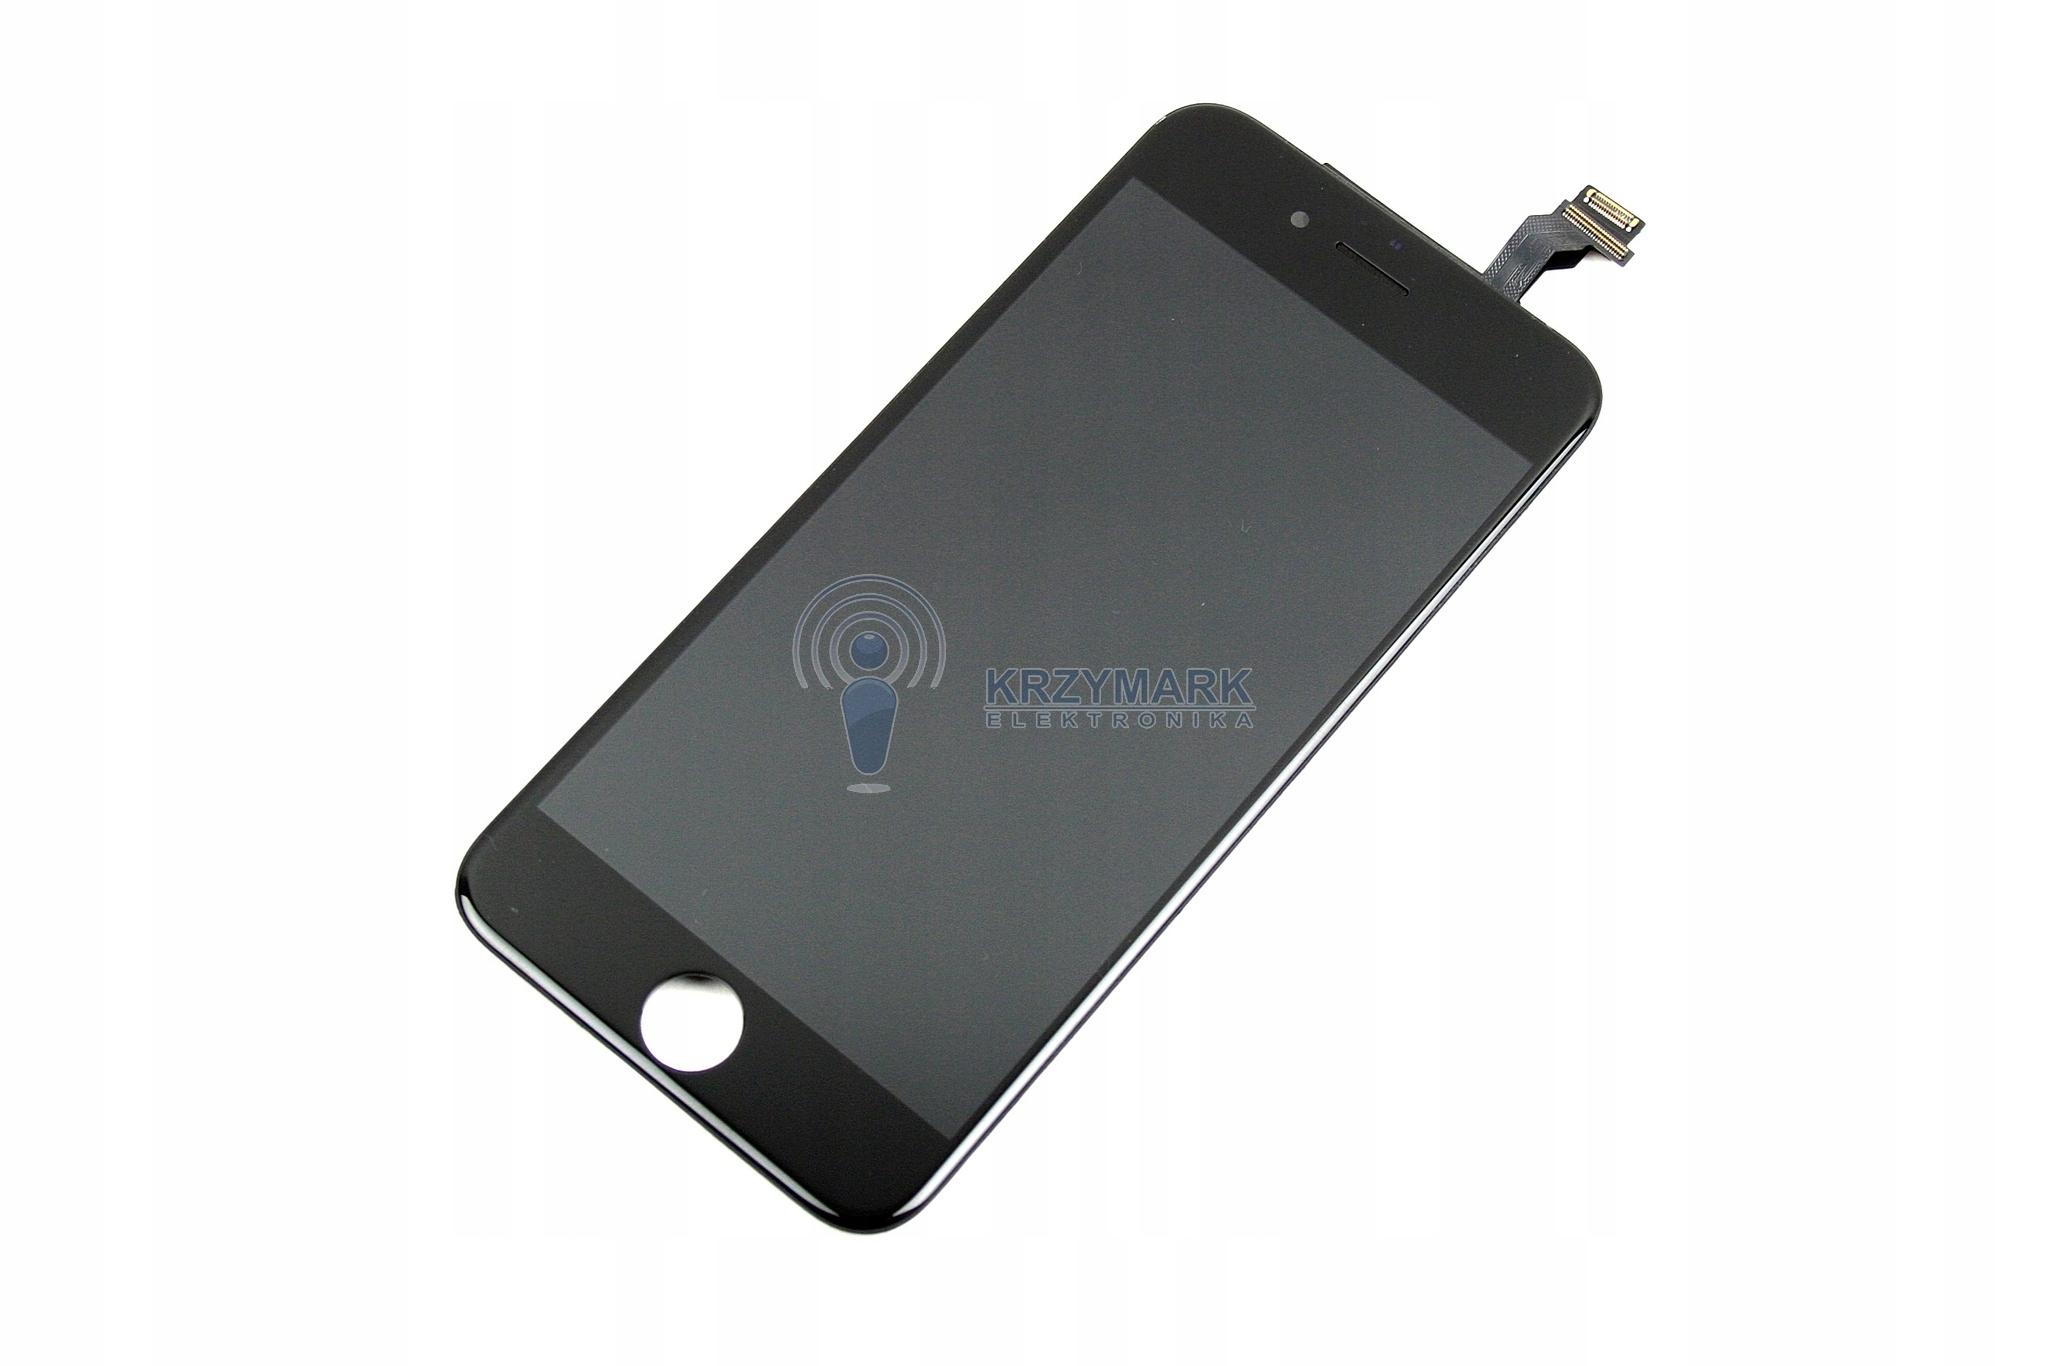 LCD WYŚWIETLACZ IPHONE 6 DIGITIZER +NARZĘDZ SZYBKA